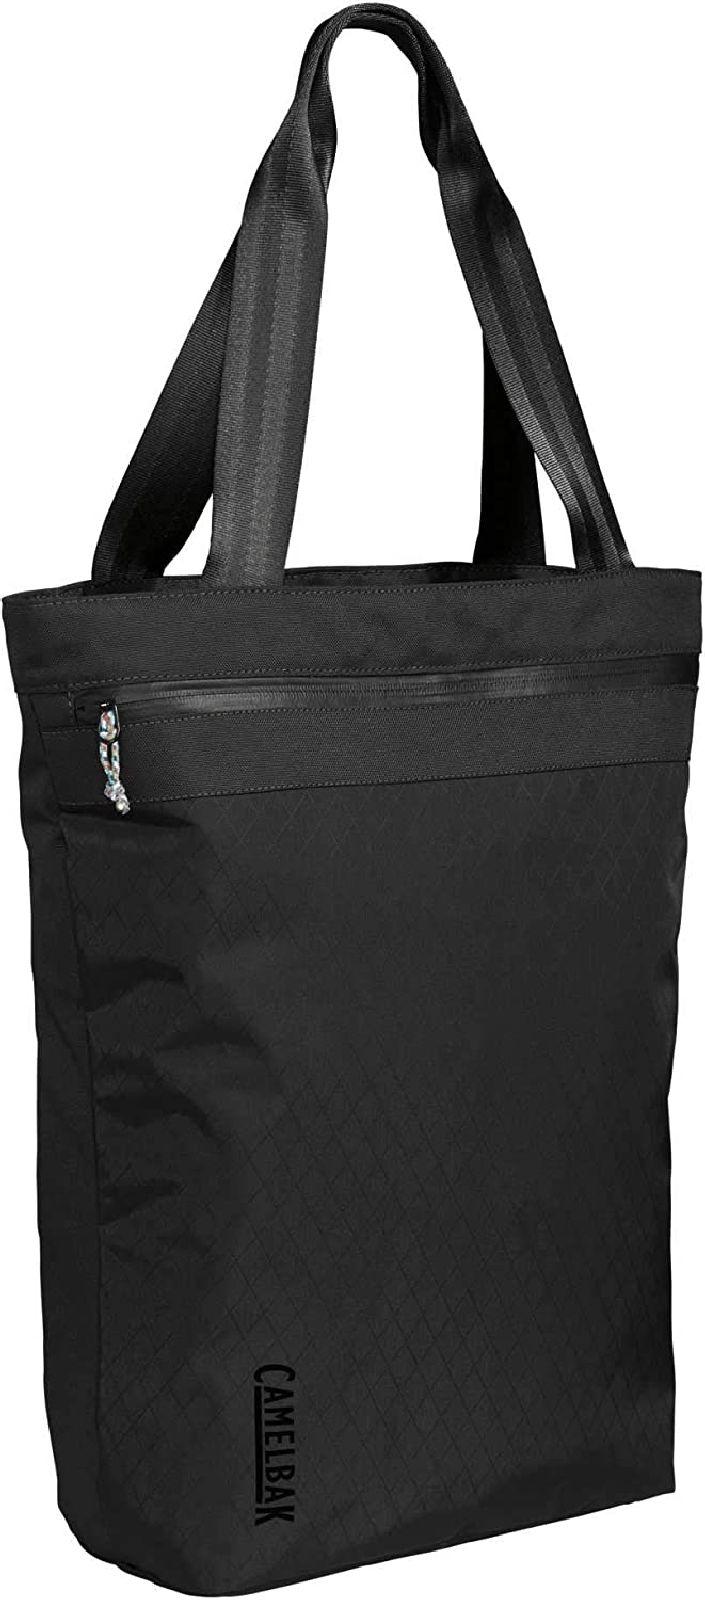 Camelbak Pivot Tote Pack - Black uni